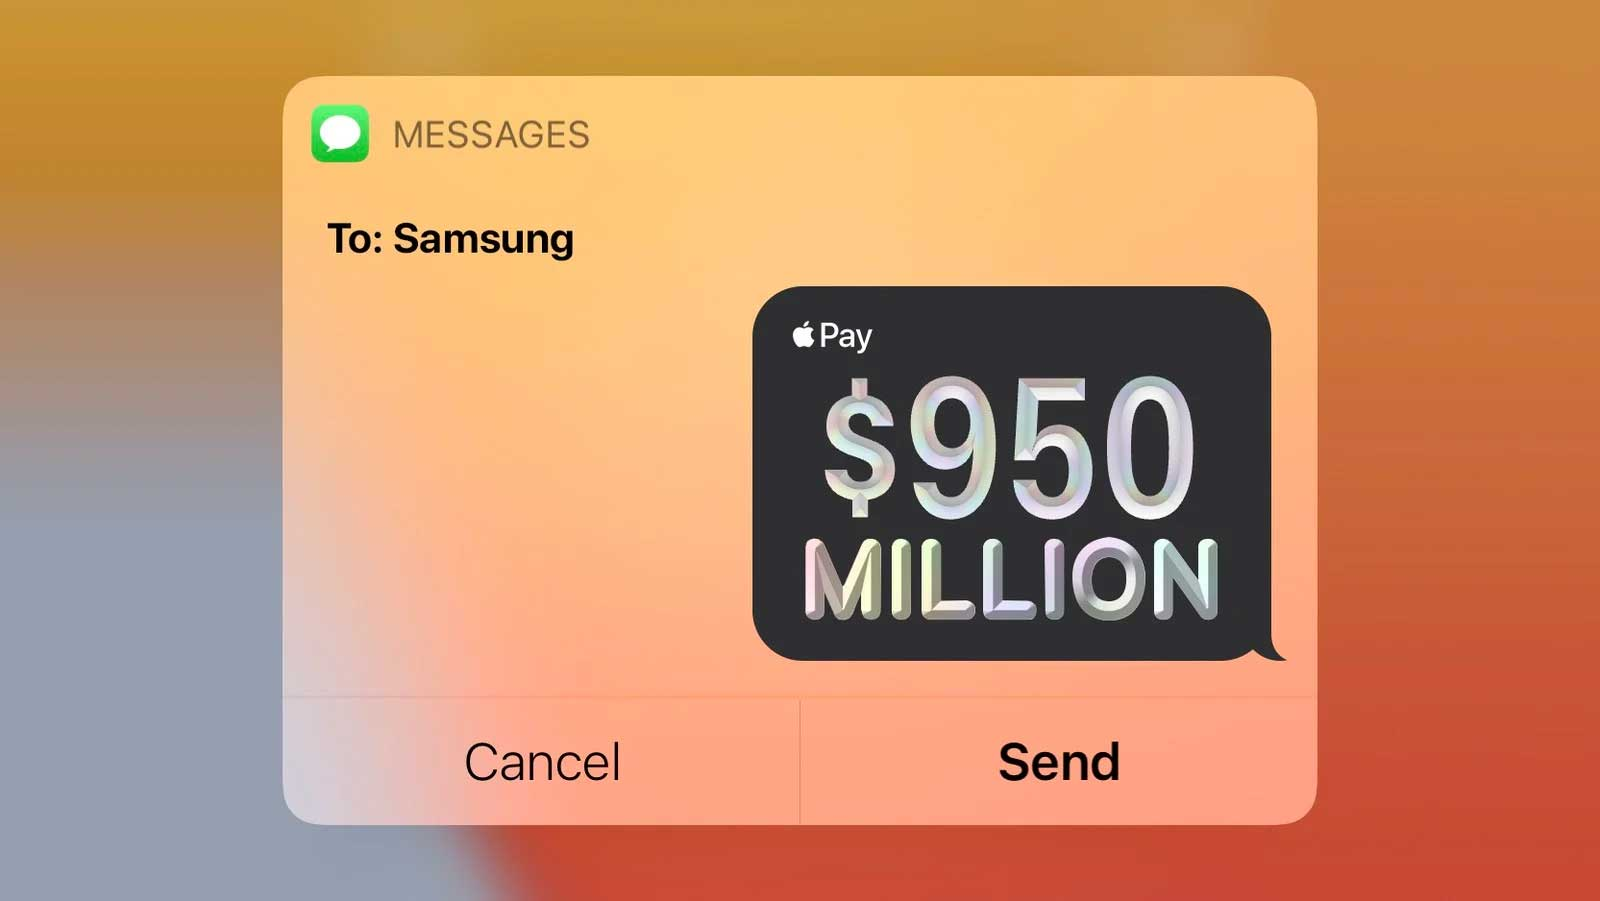 پرداخت ۹۵۰ میلیون دلار توسط اپل به سامسونگ به دلیل عدم رسیدن به حد توافق سفارش پنل های OLED